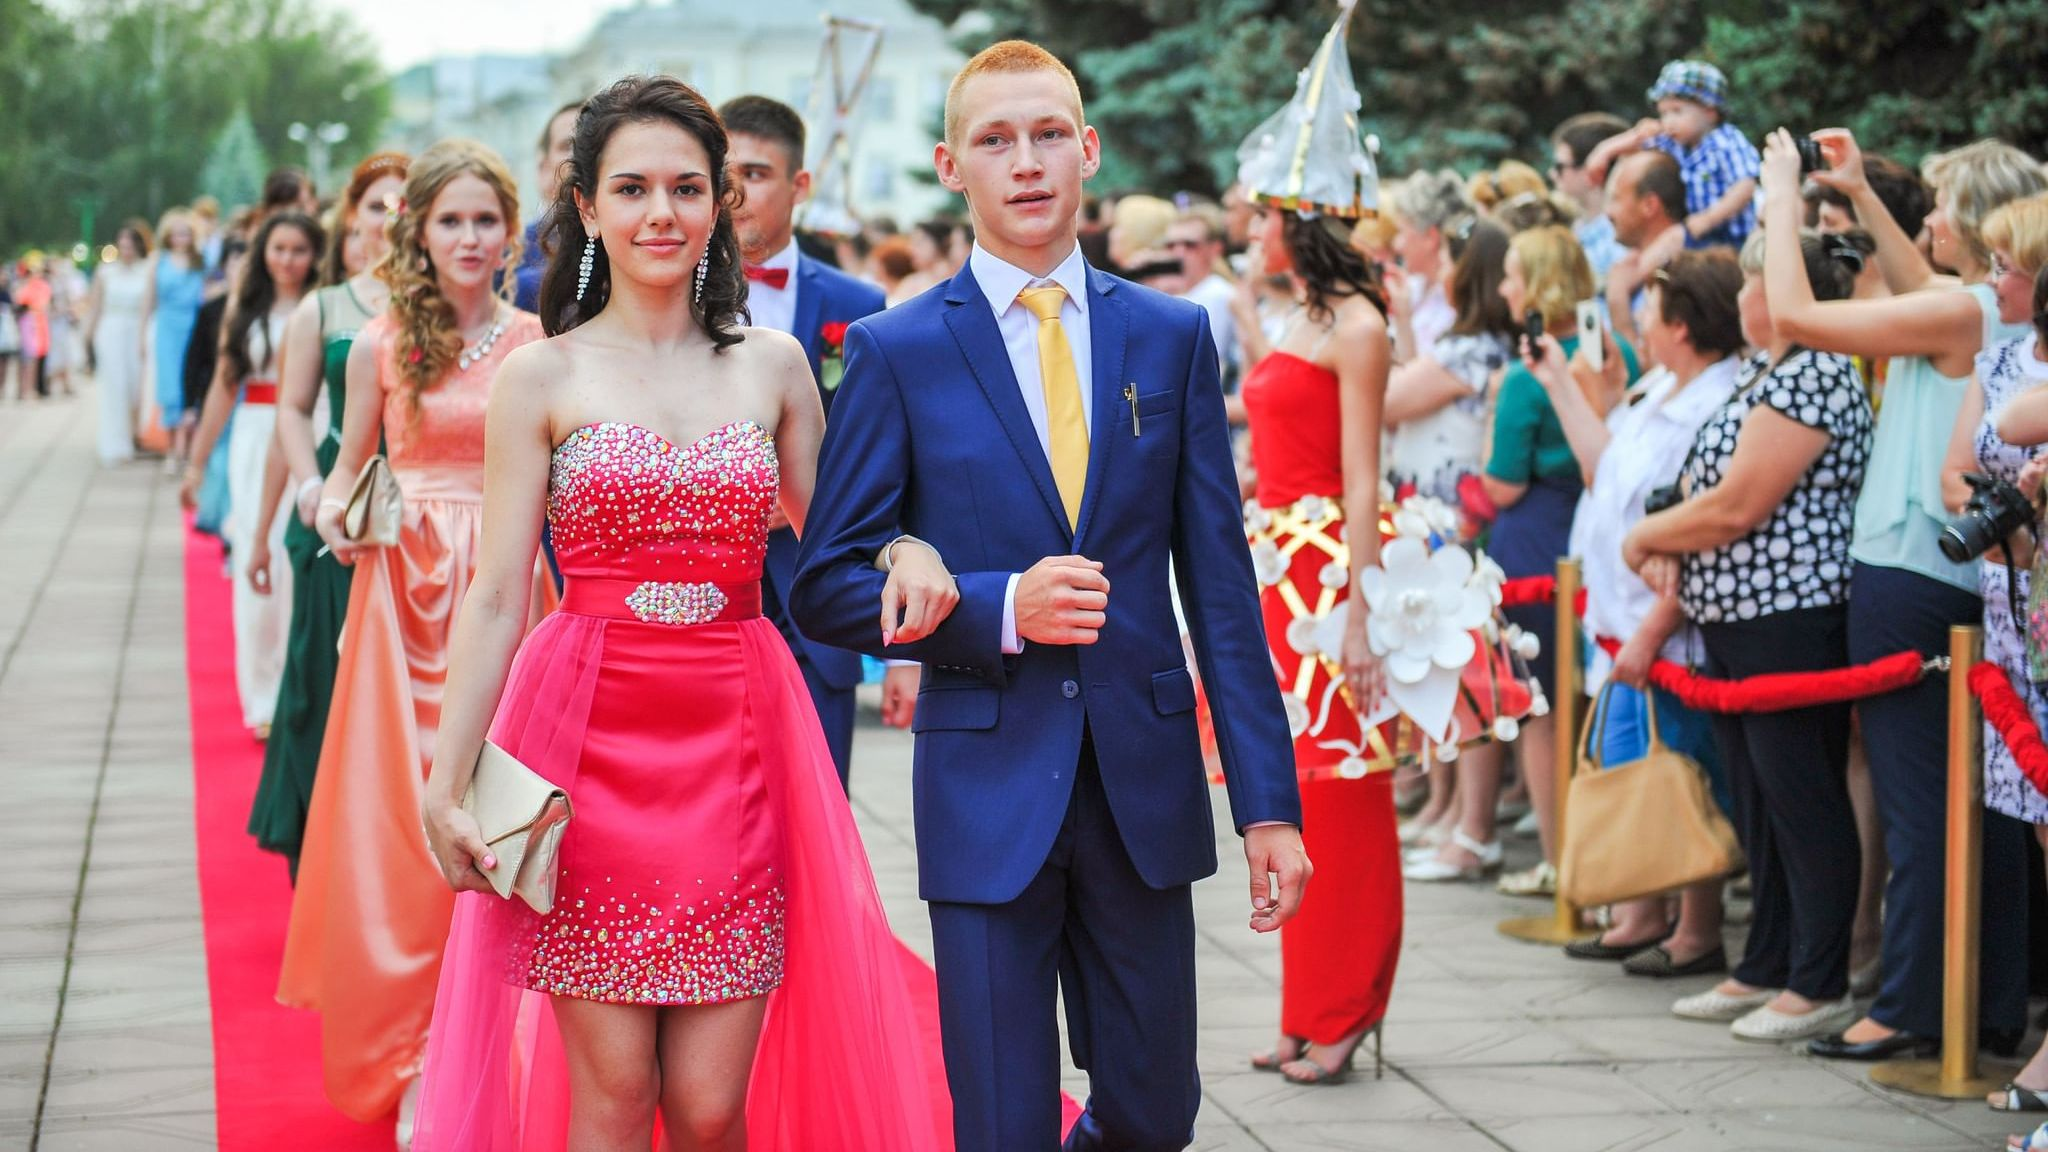 Выпускной из 11 класса в среднем обойдется родителям почти в 30 тысяч рублей